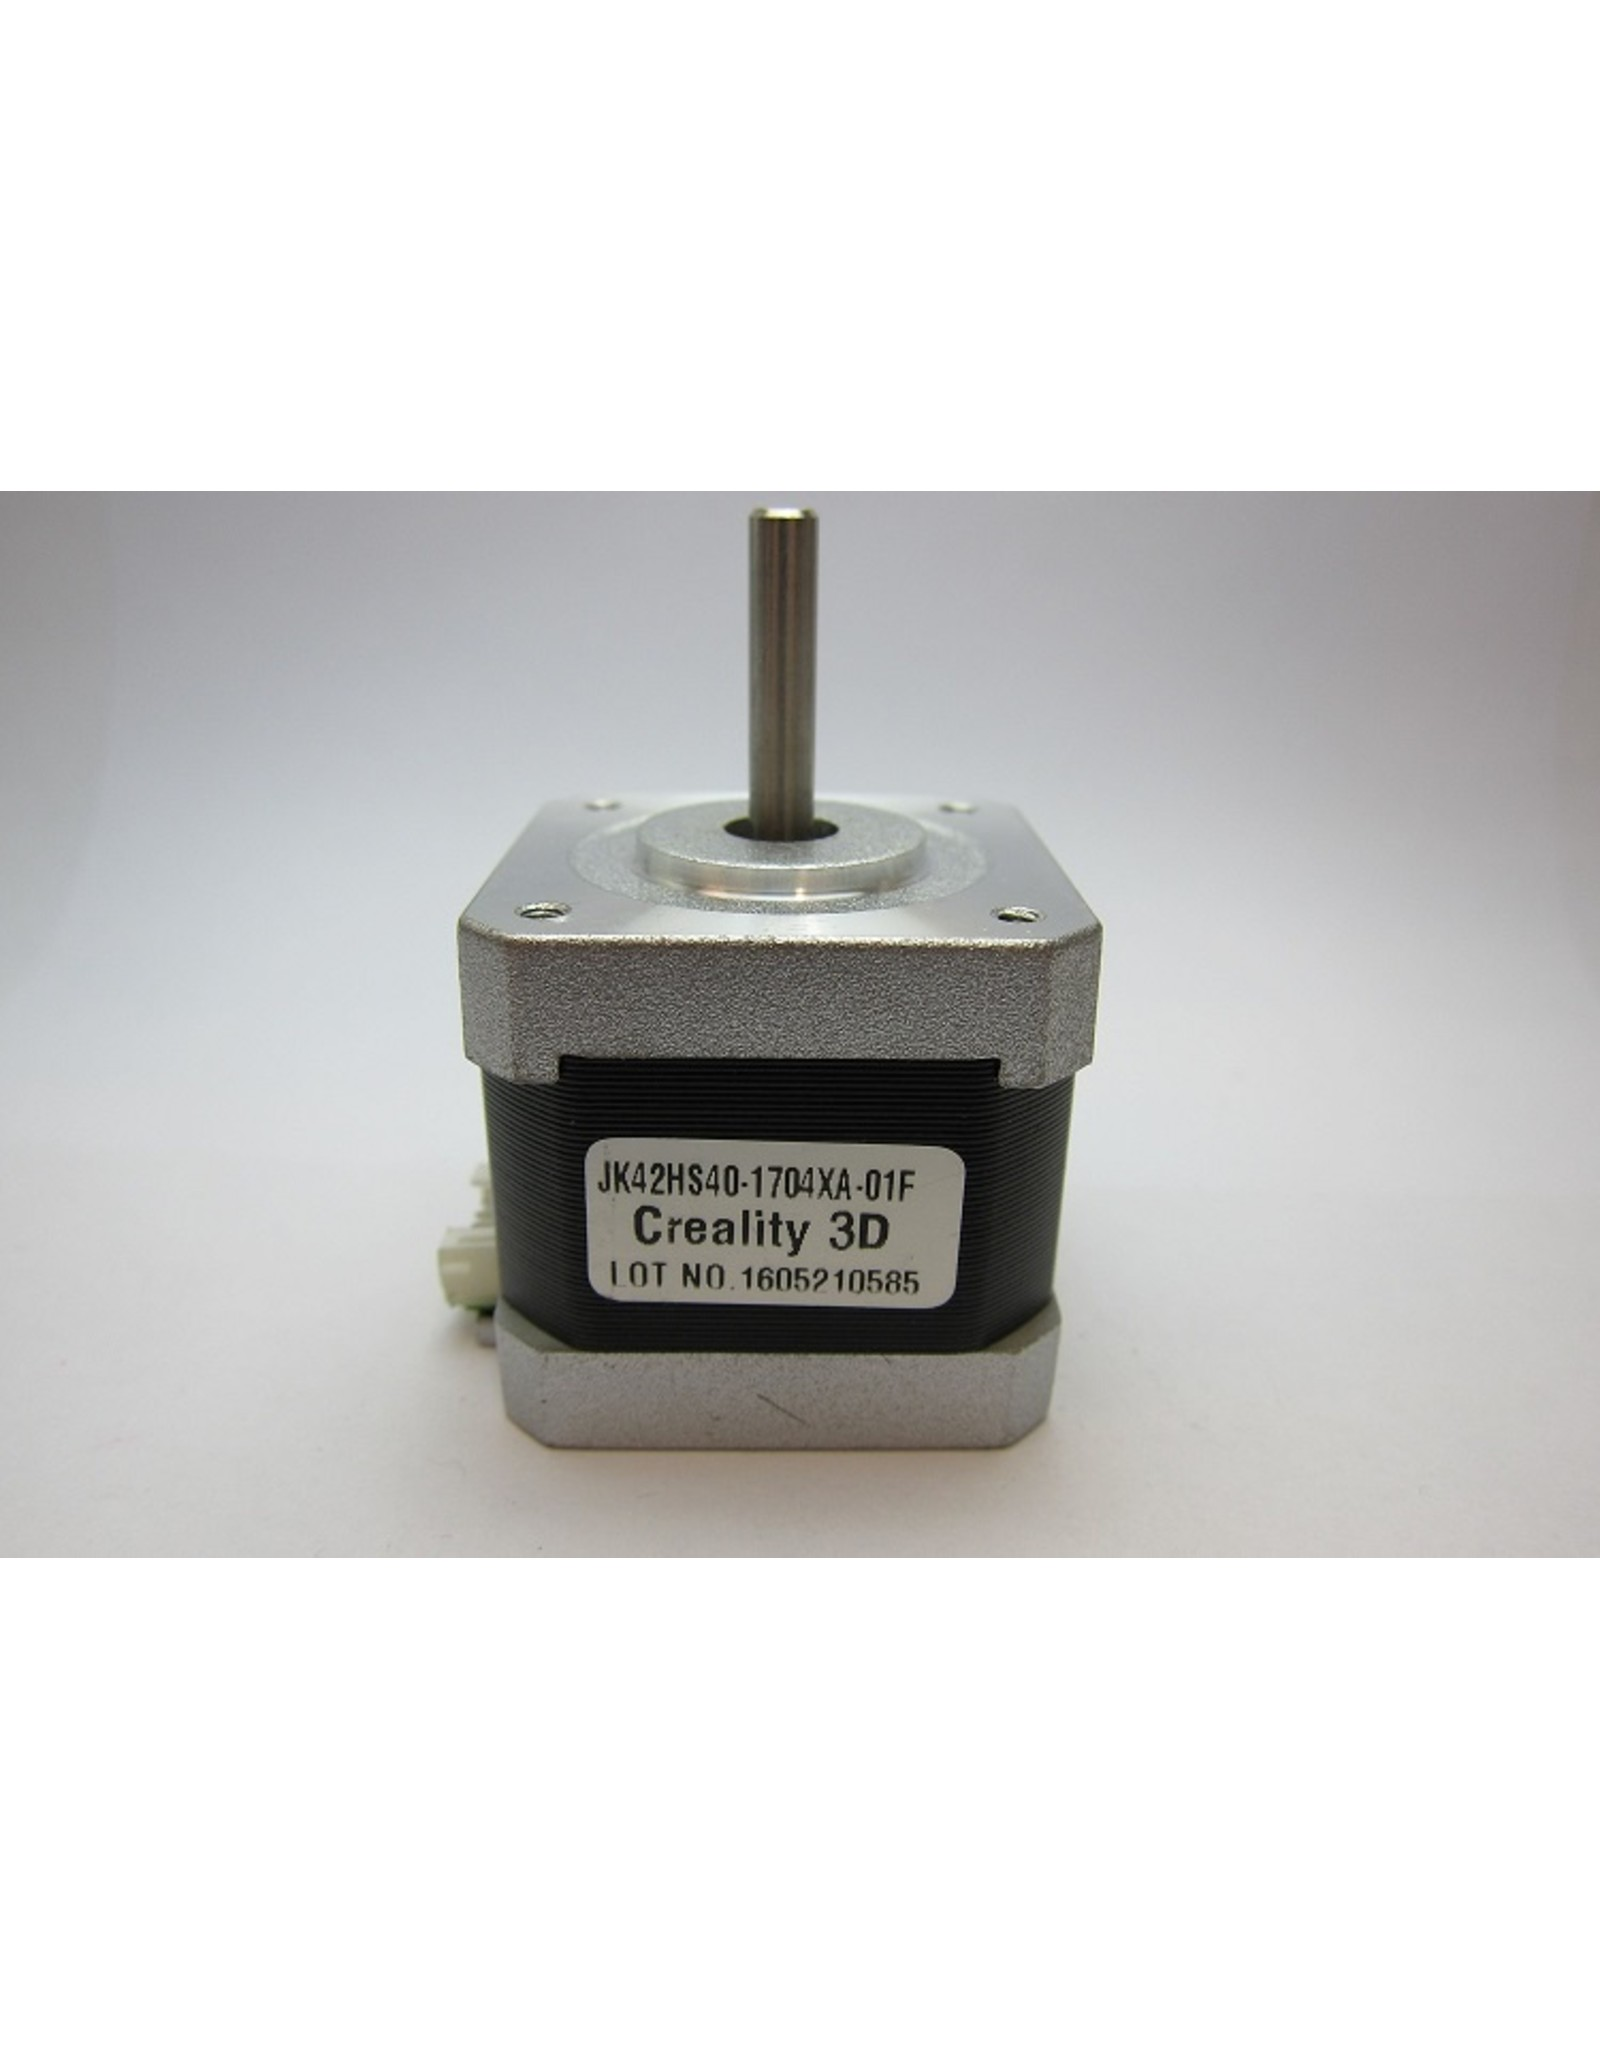 Creality/Ender Creality 3D 42-40 moteur pas à pas